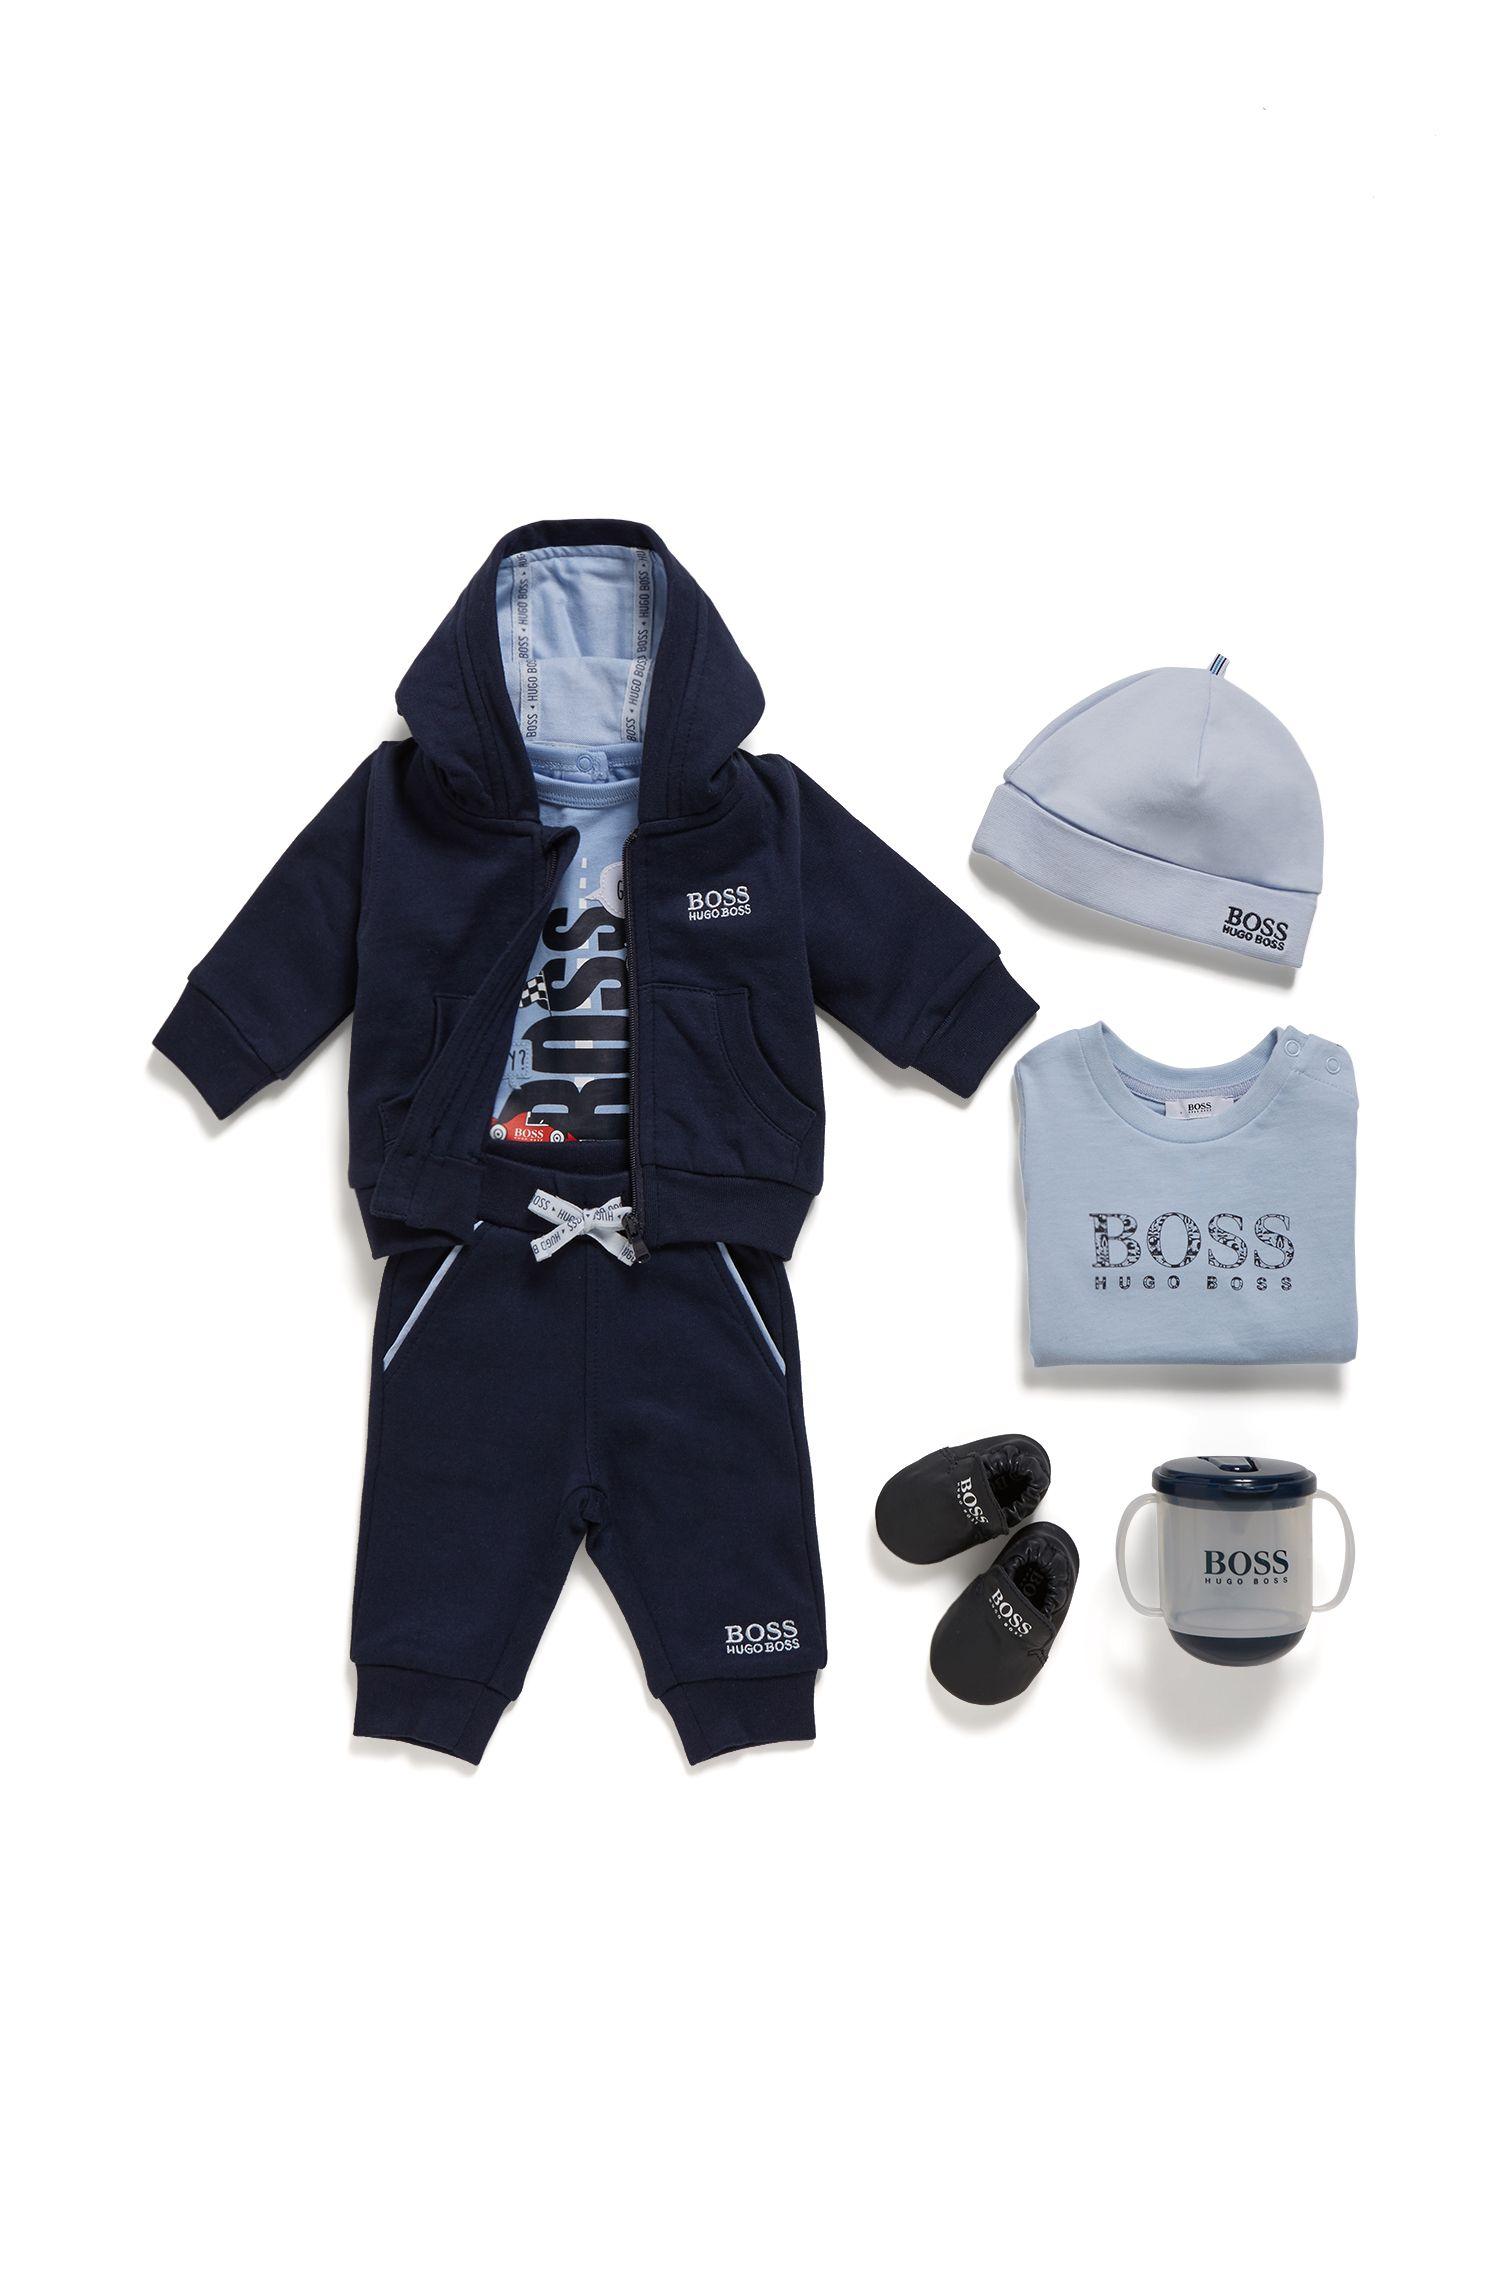 Pantalon de jogging pour bébé garçon, taille avec cordon de serrage, Bleu foncé